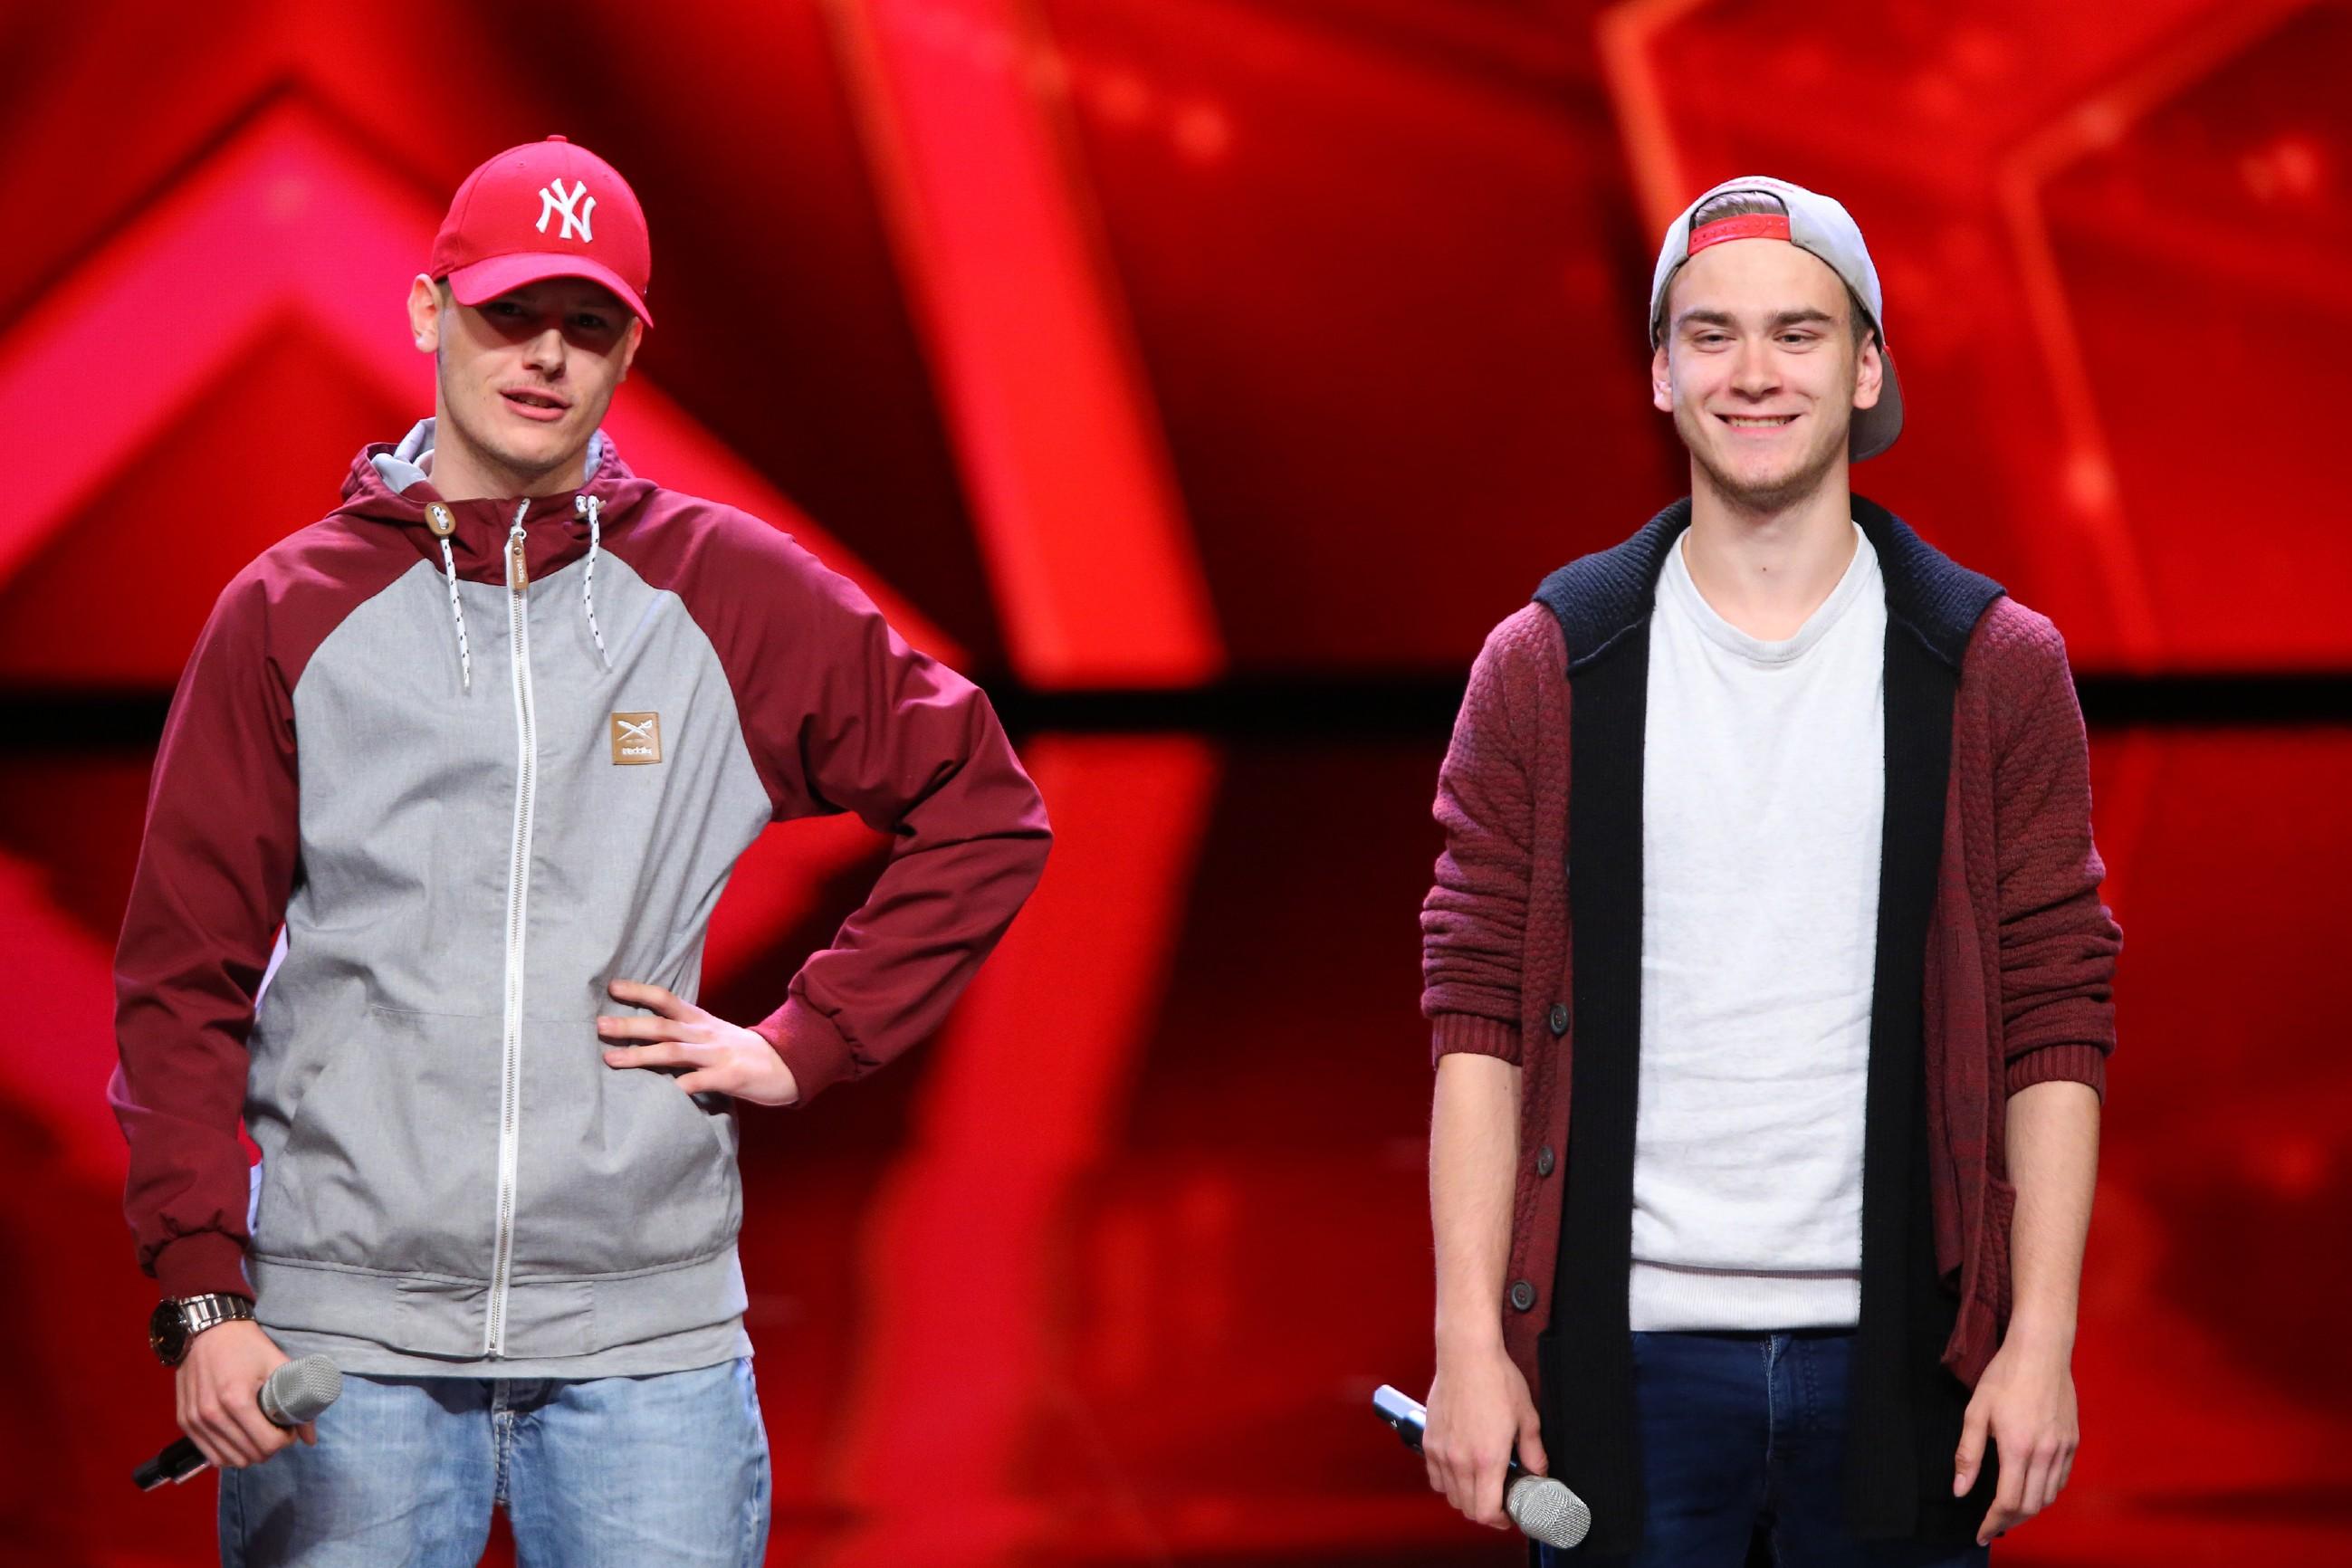 Das Supertalent 2016 - Fabian Skopiak und Justin Patalas